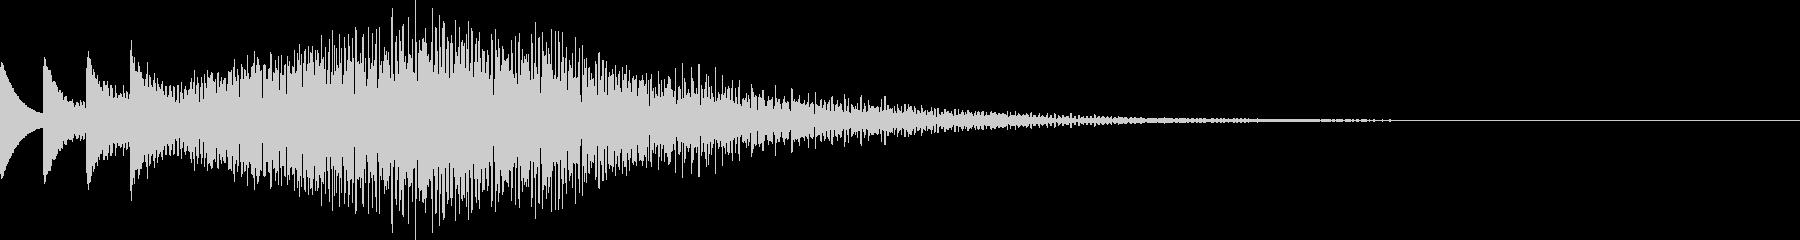 きらびやかな電子音によるサウンドロゴの未再生の波形